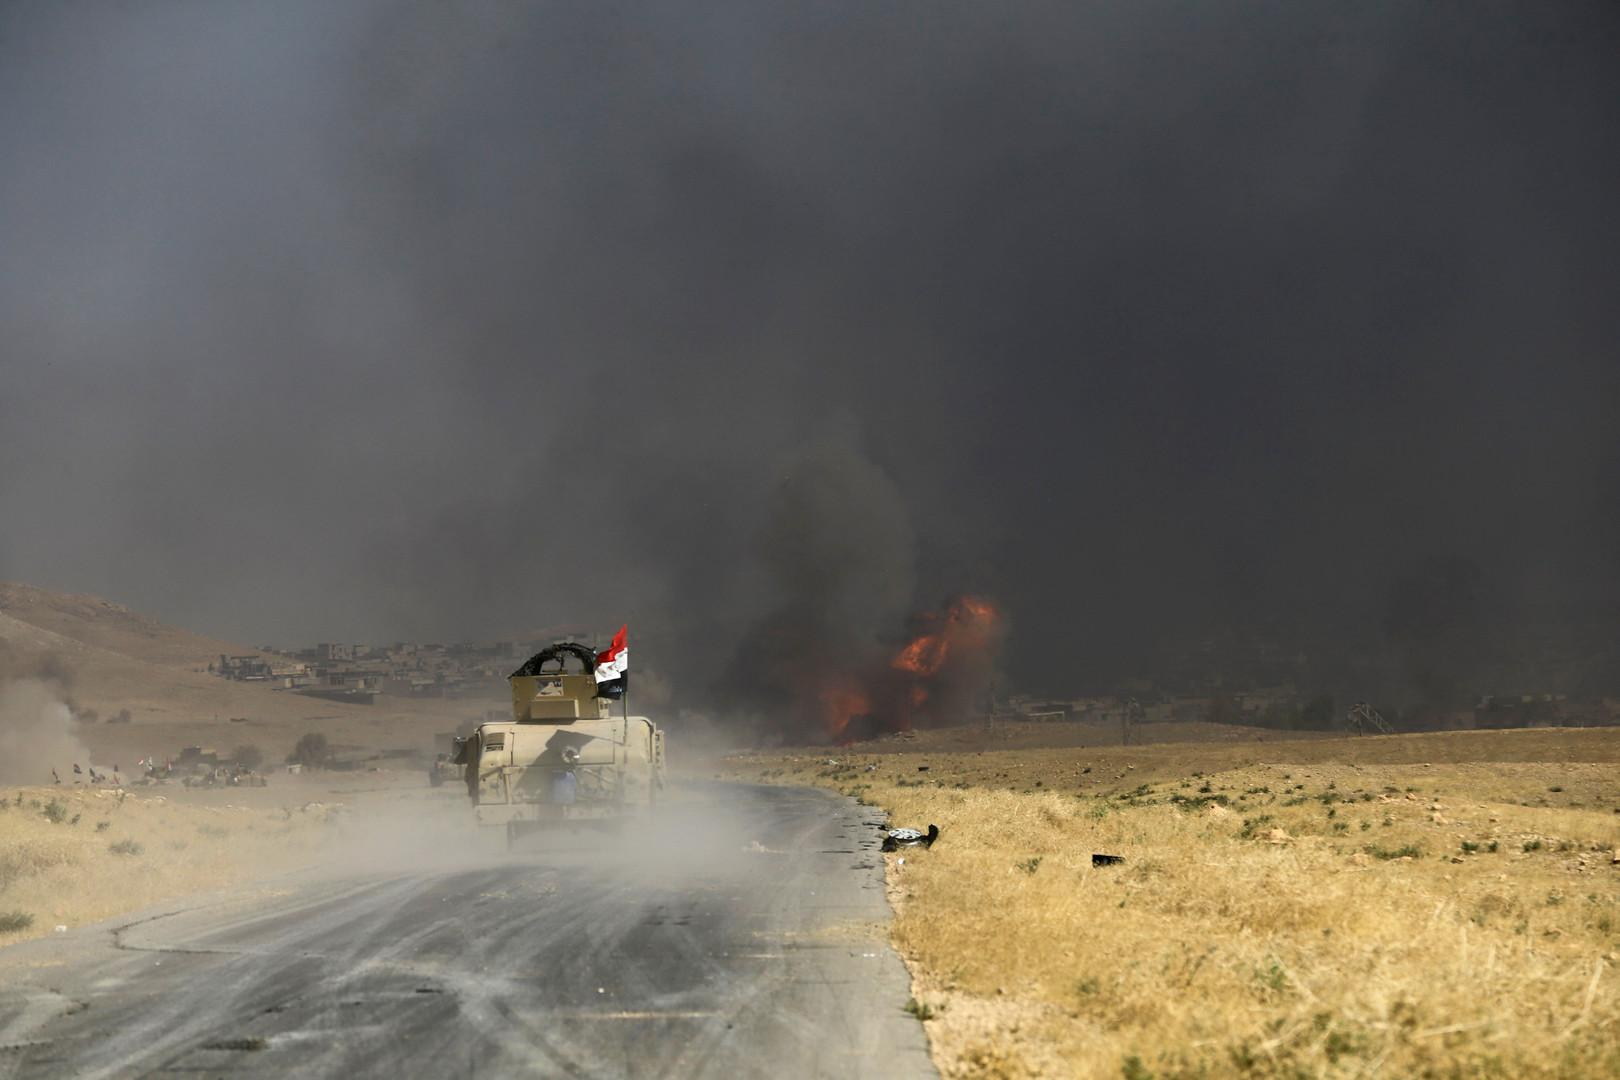 الجيش العراقي يقصف مضافات لـ